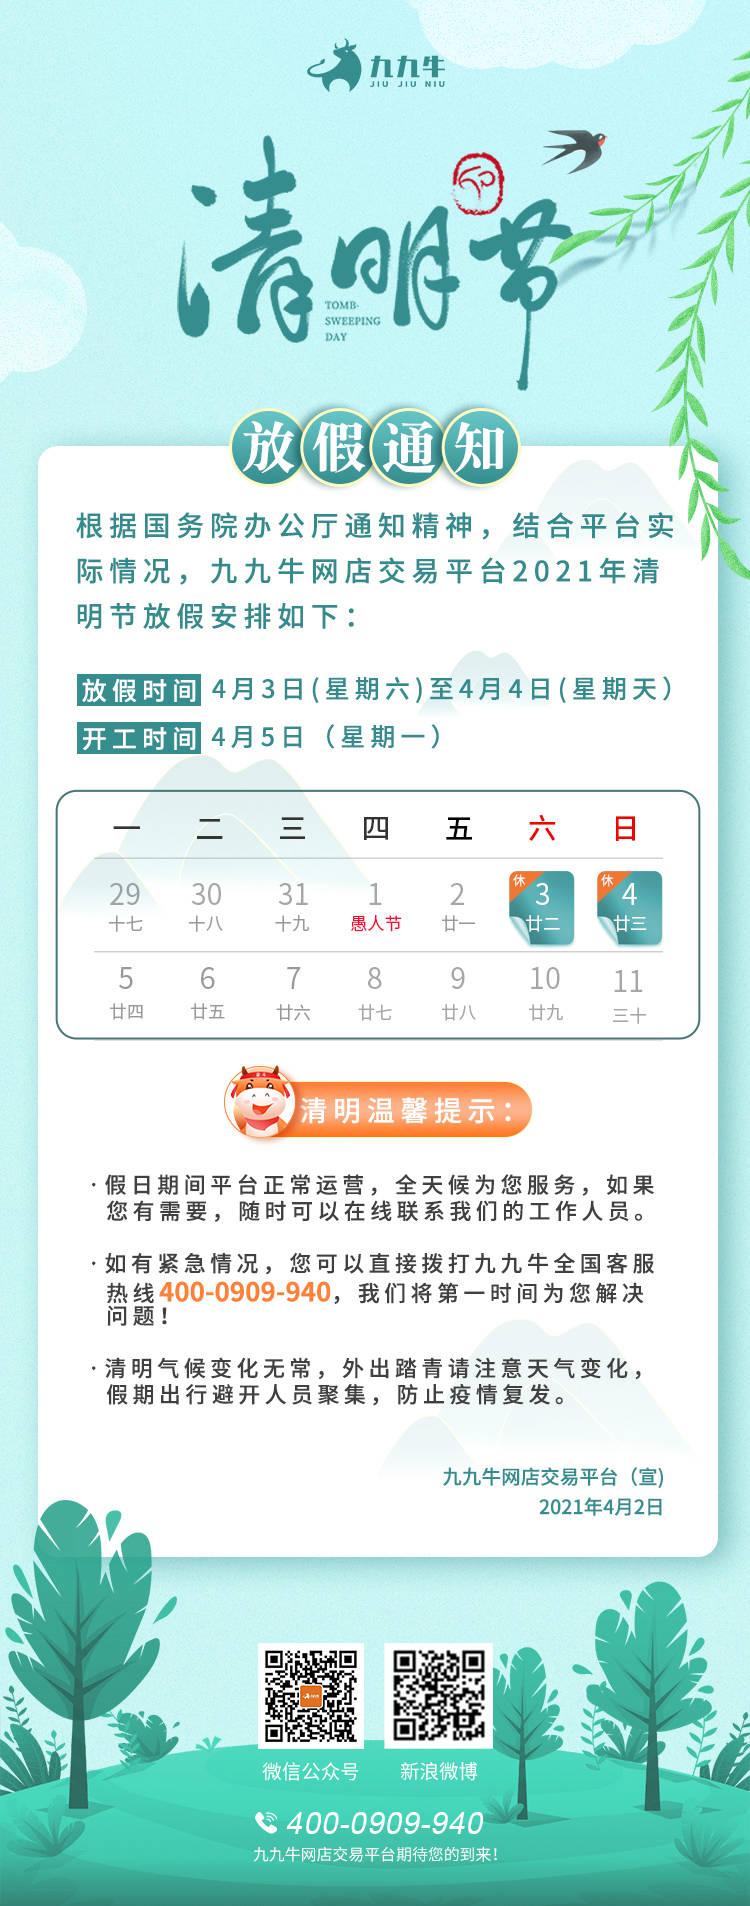 九九牛网店交易平台关于2021年清明节放假安排的通知